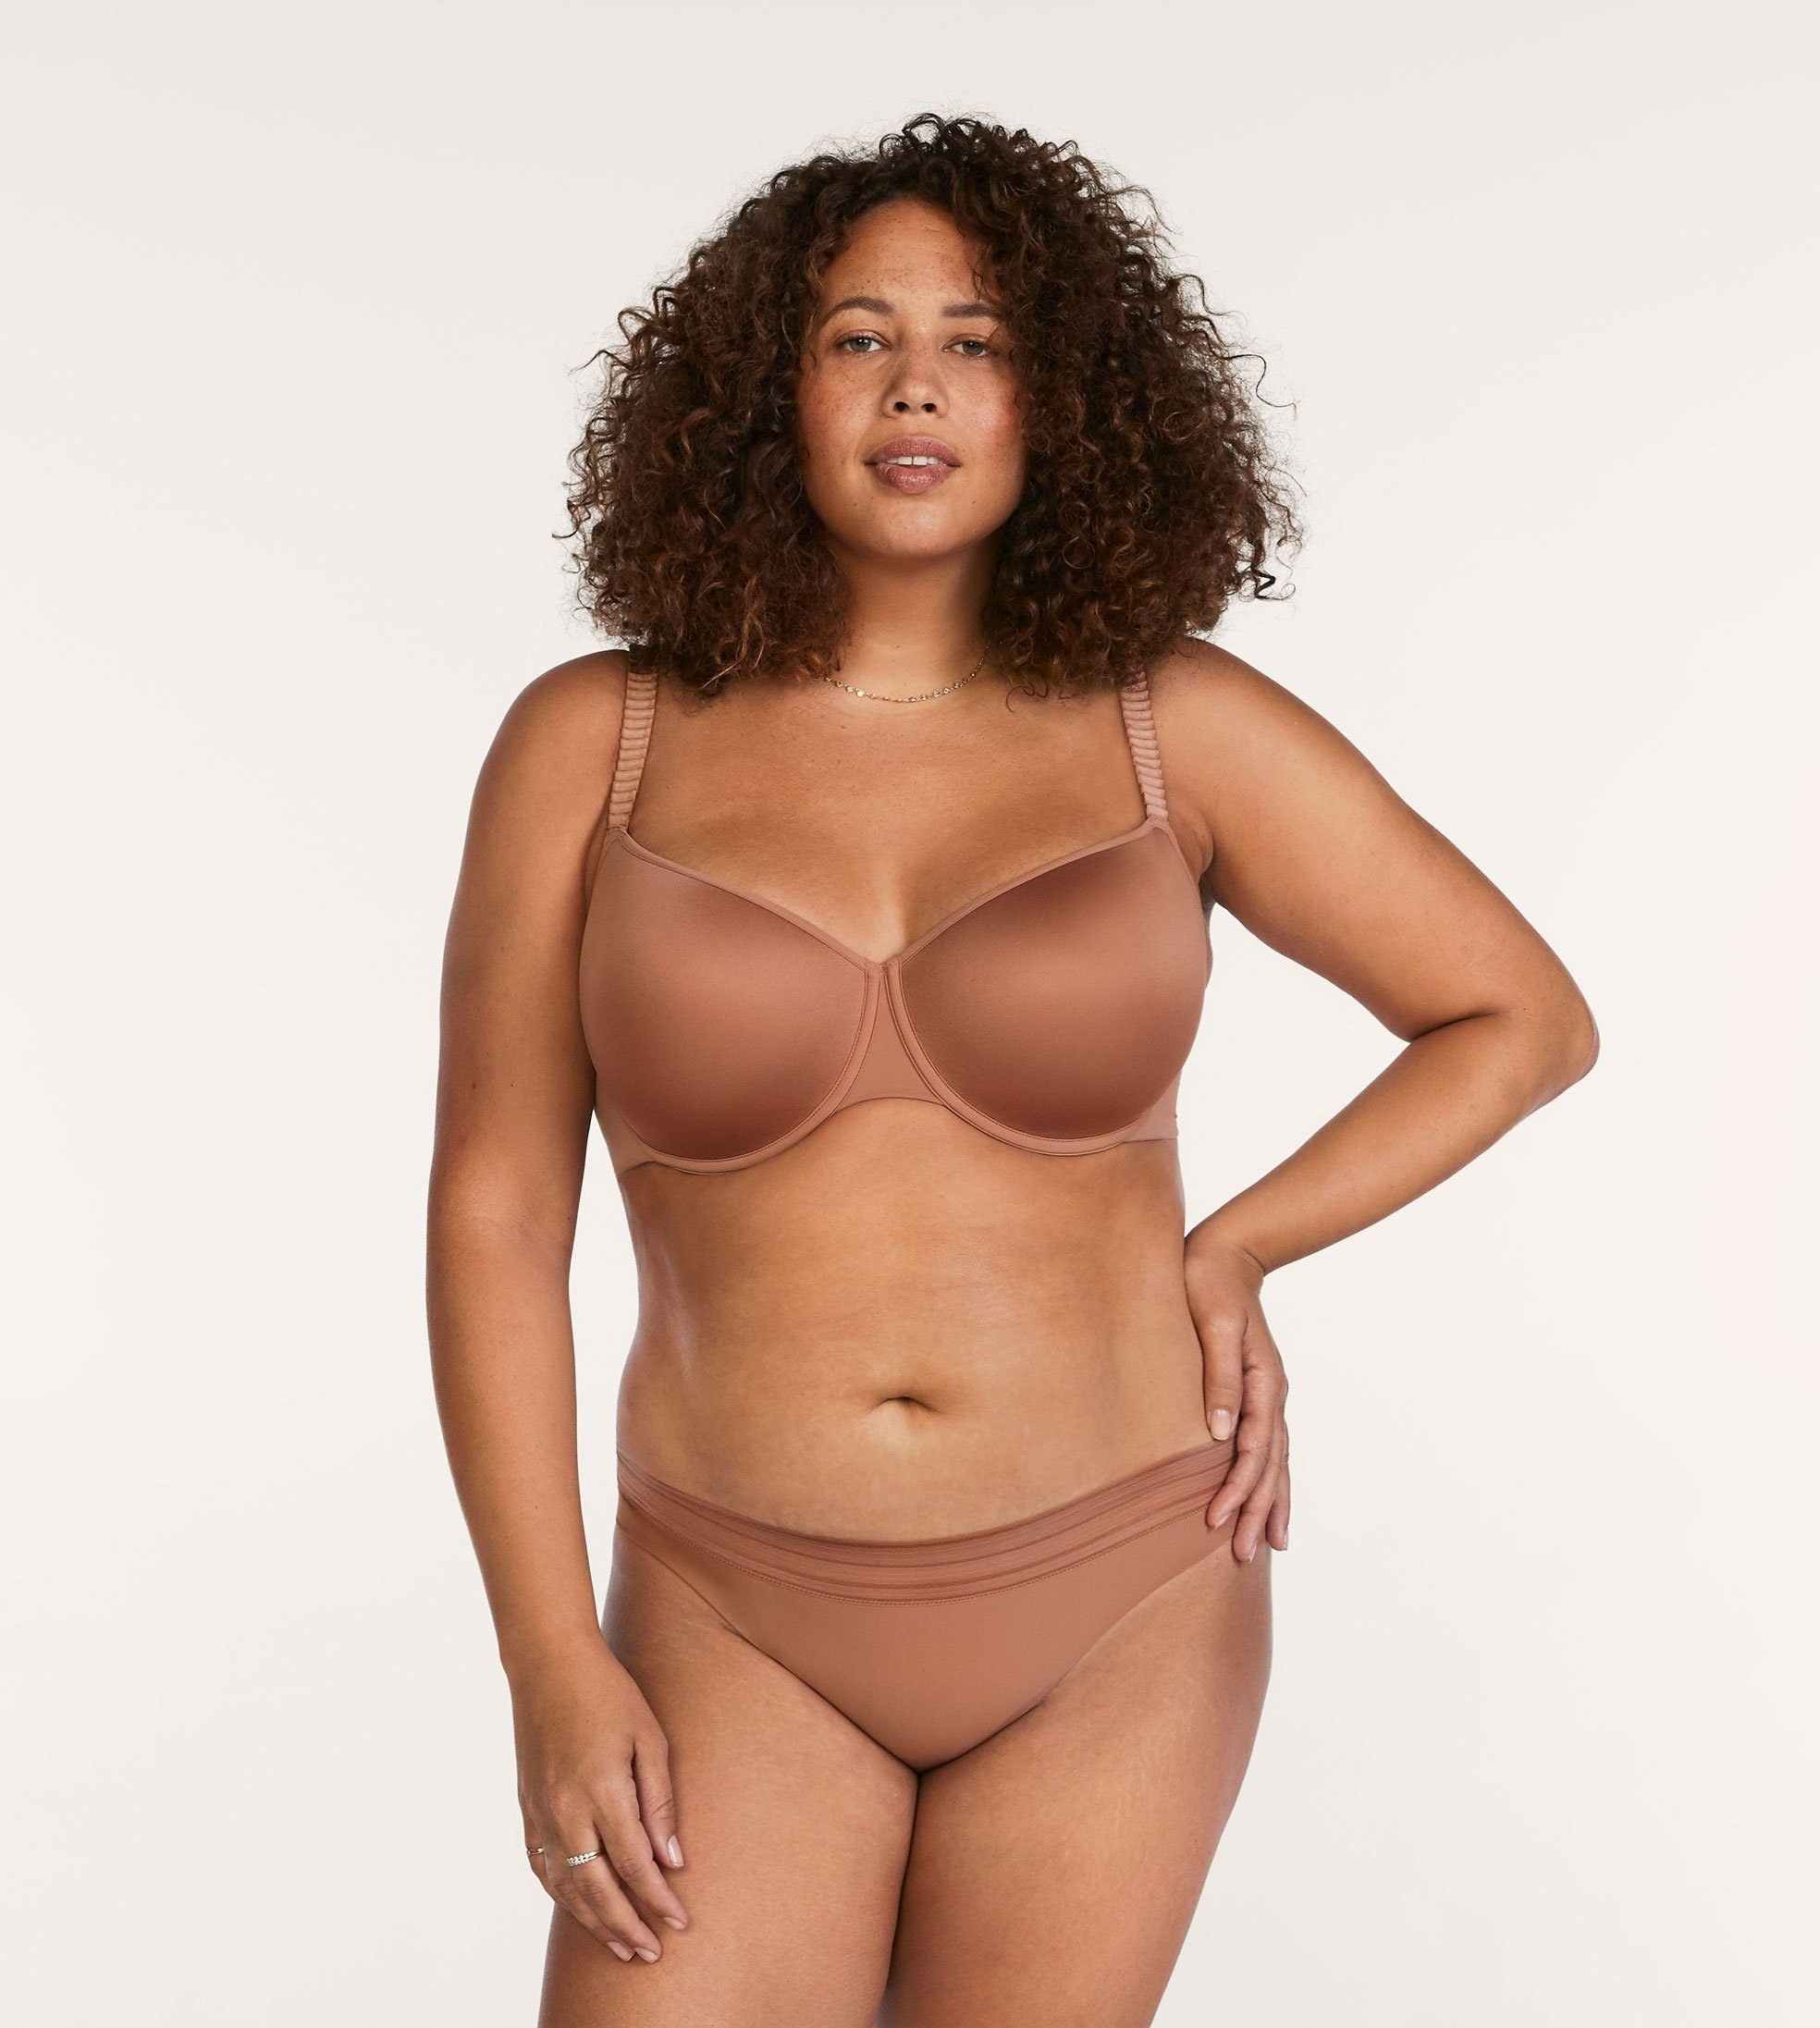 Model wearing bra in Mocha